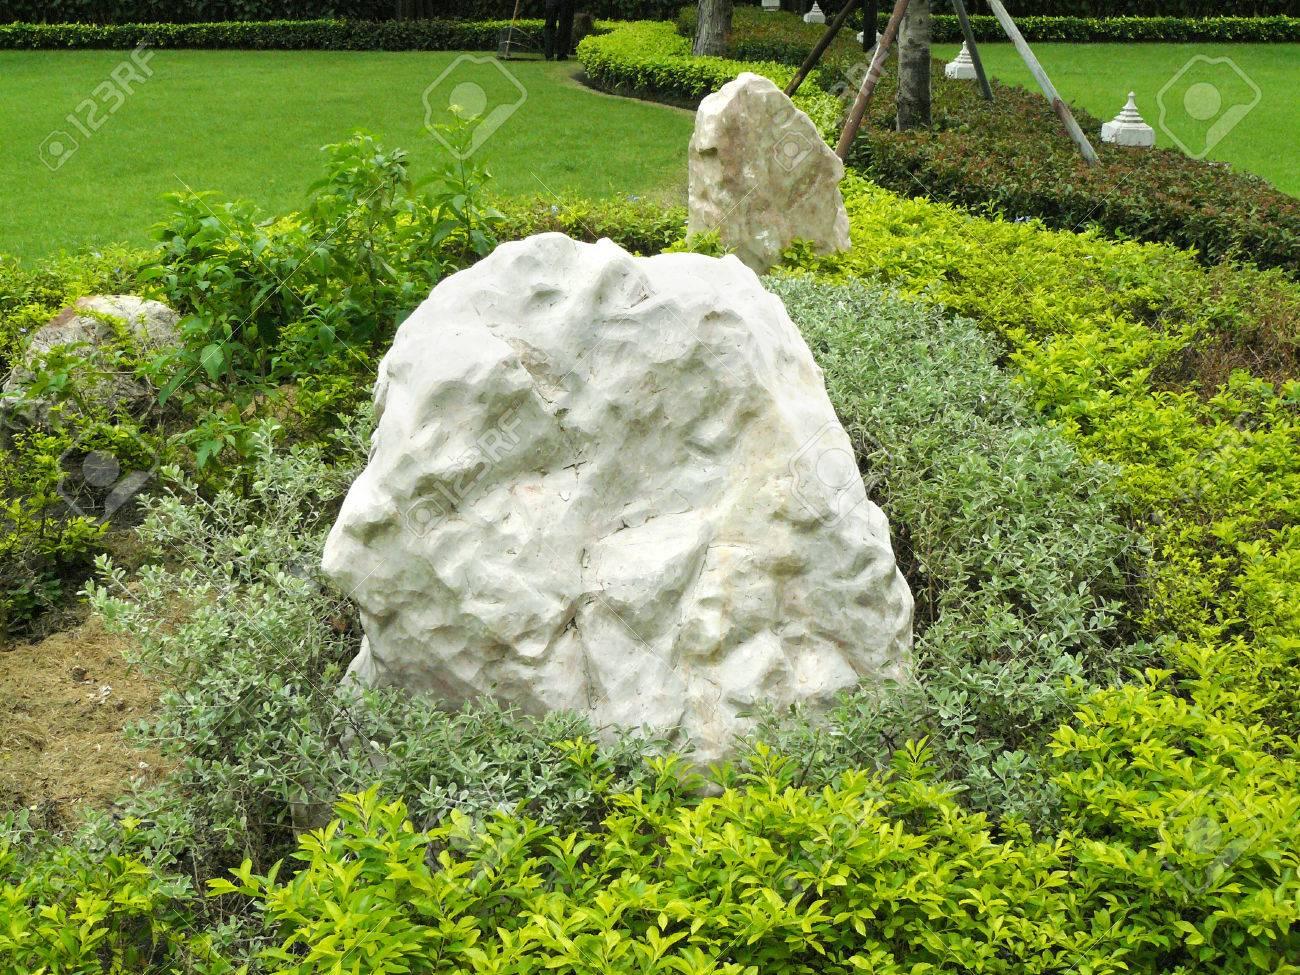 Rocce In Giardino.Giardino In Pietra Il Grande Masso E Stato Messo Nel Giardino Con Piante Verdi La Grande Roccia Calcarea Per Un Bel Giardino Decorato